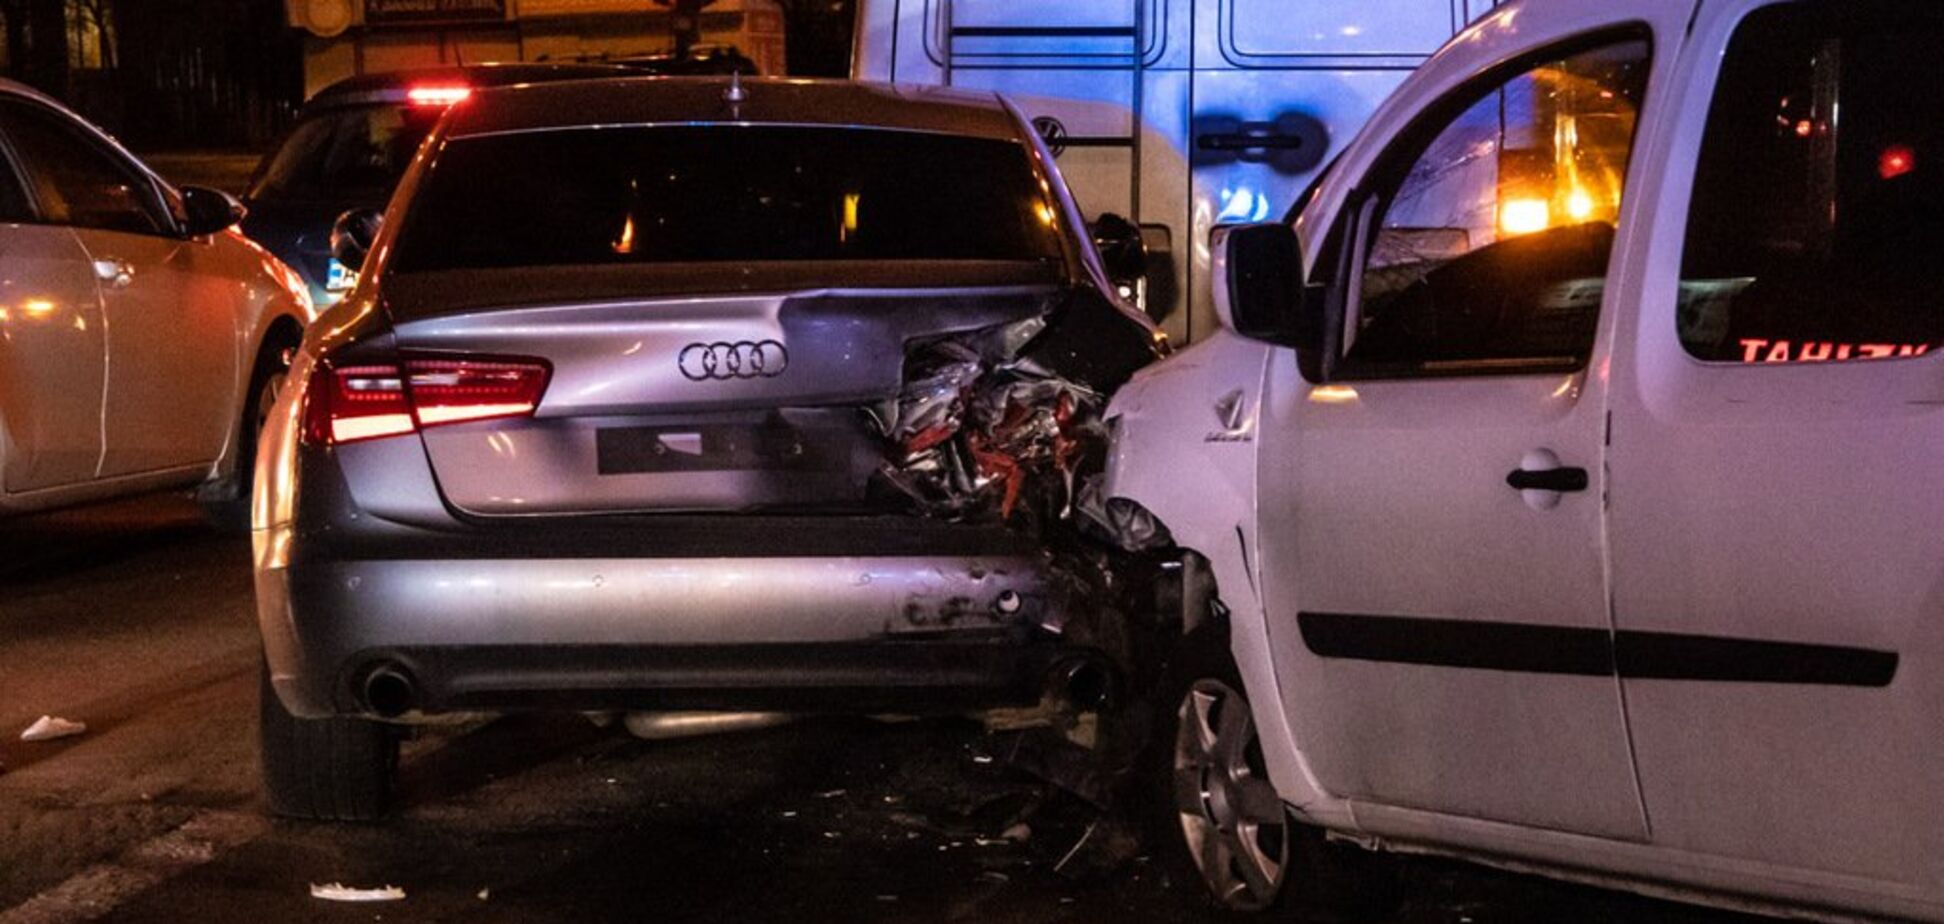 Водій втратив пам'ять: у Києві в ДТП зіштовхнулися два автомобілі